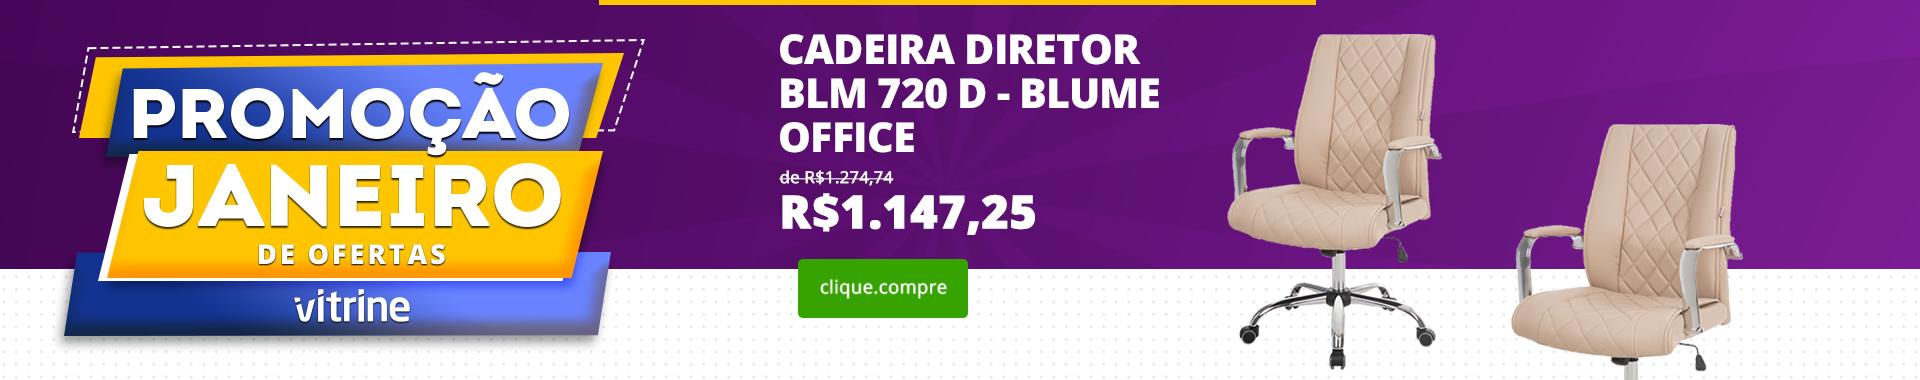 Cadeira Diretor BLM 720 D – Blume Office